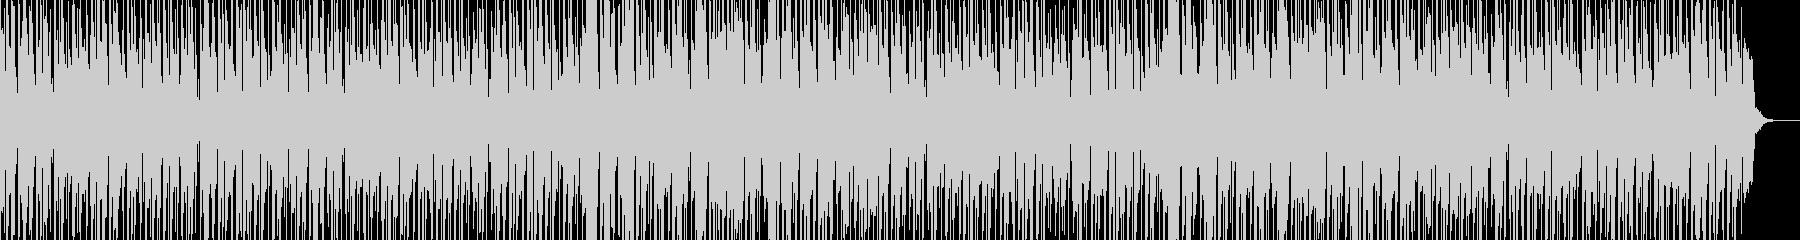 民謡 コーポレート アクティブ 明...の未再生の波形